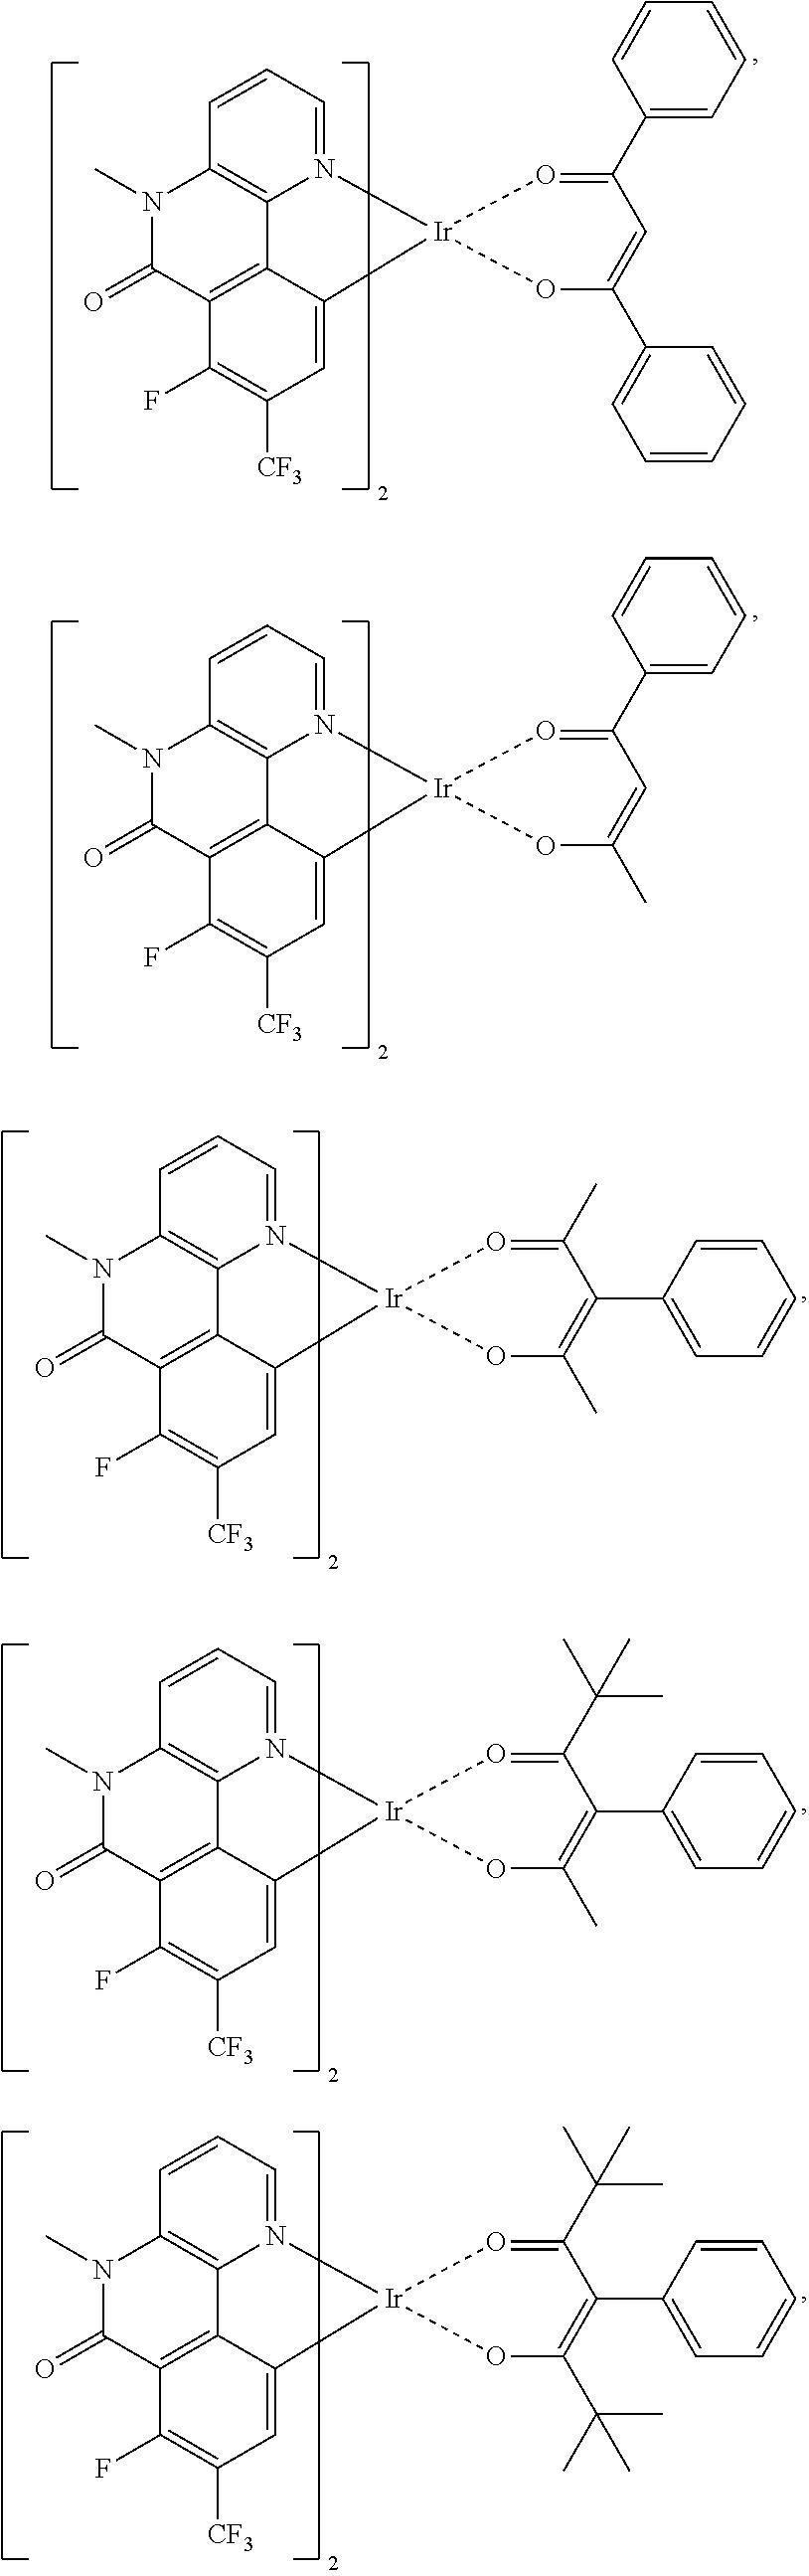 Figure US09634266-20170425-C00013